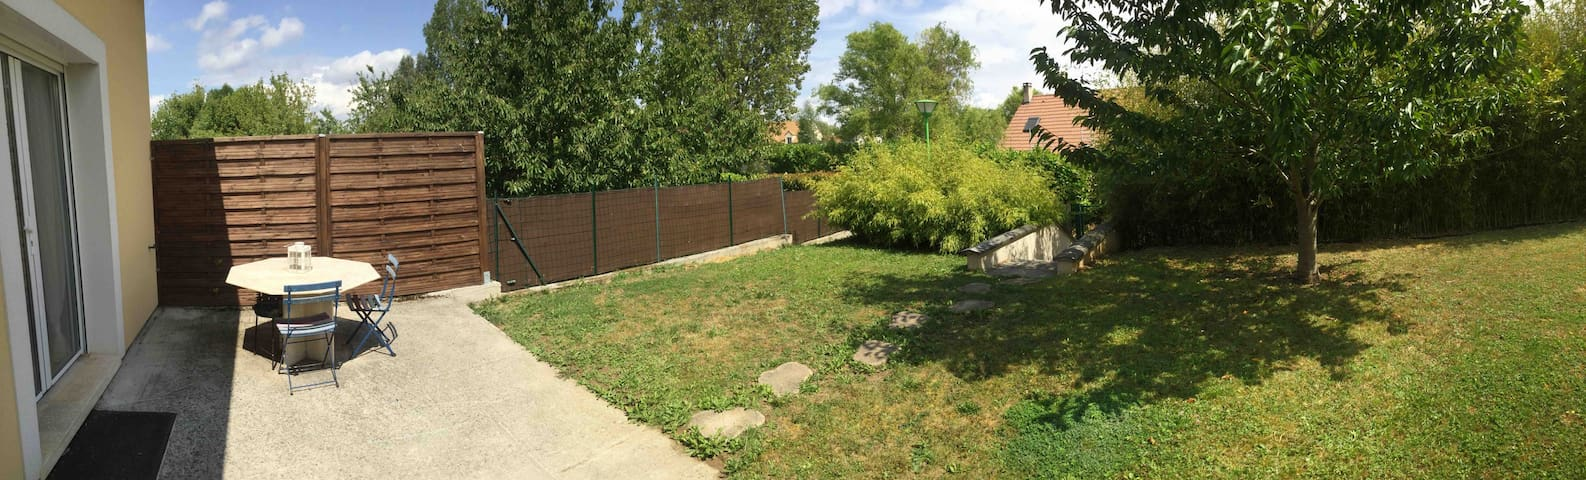 Studio 36m2 au calme avec jardin à 17 km de DISNEY